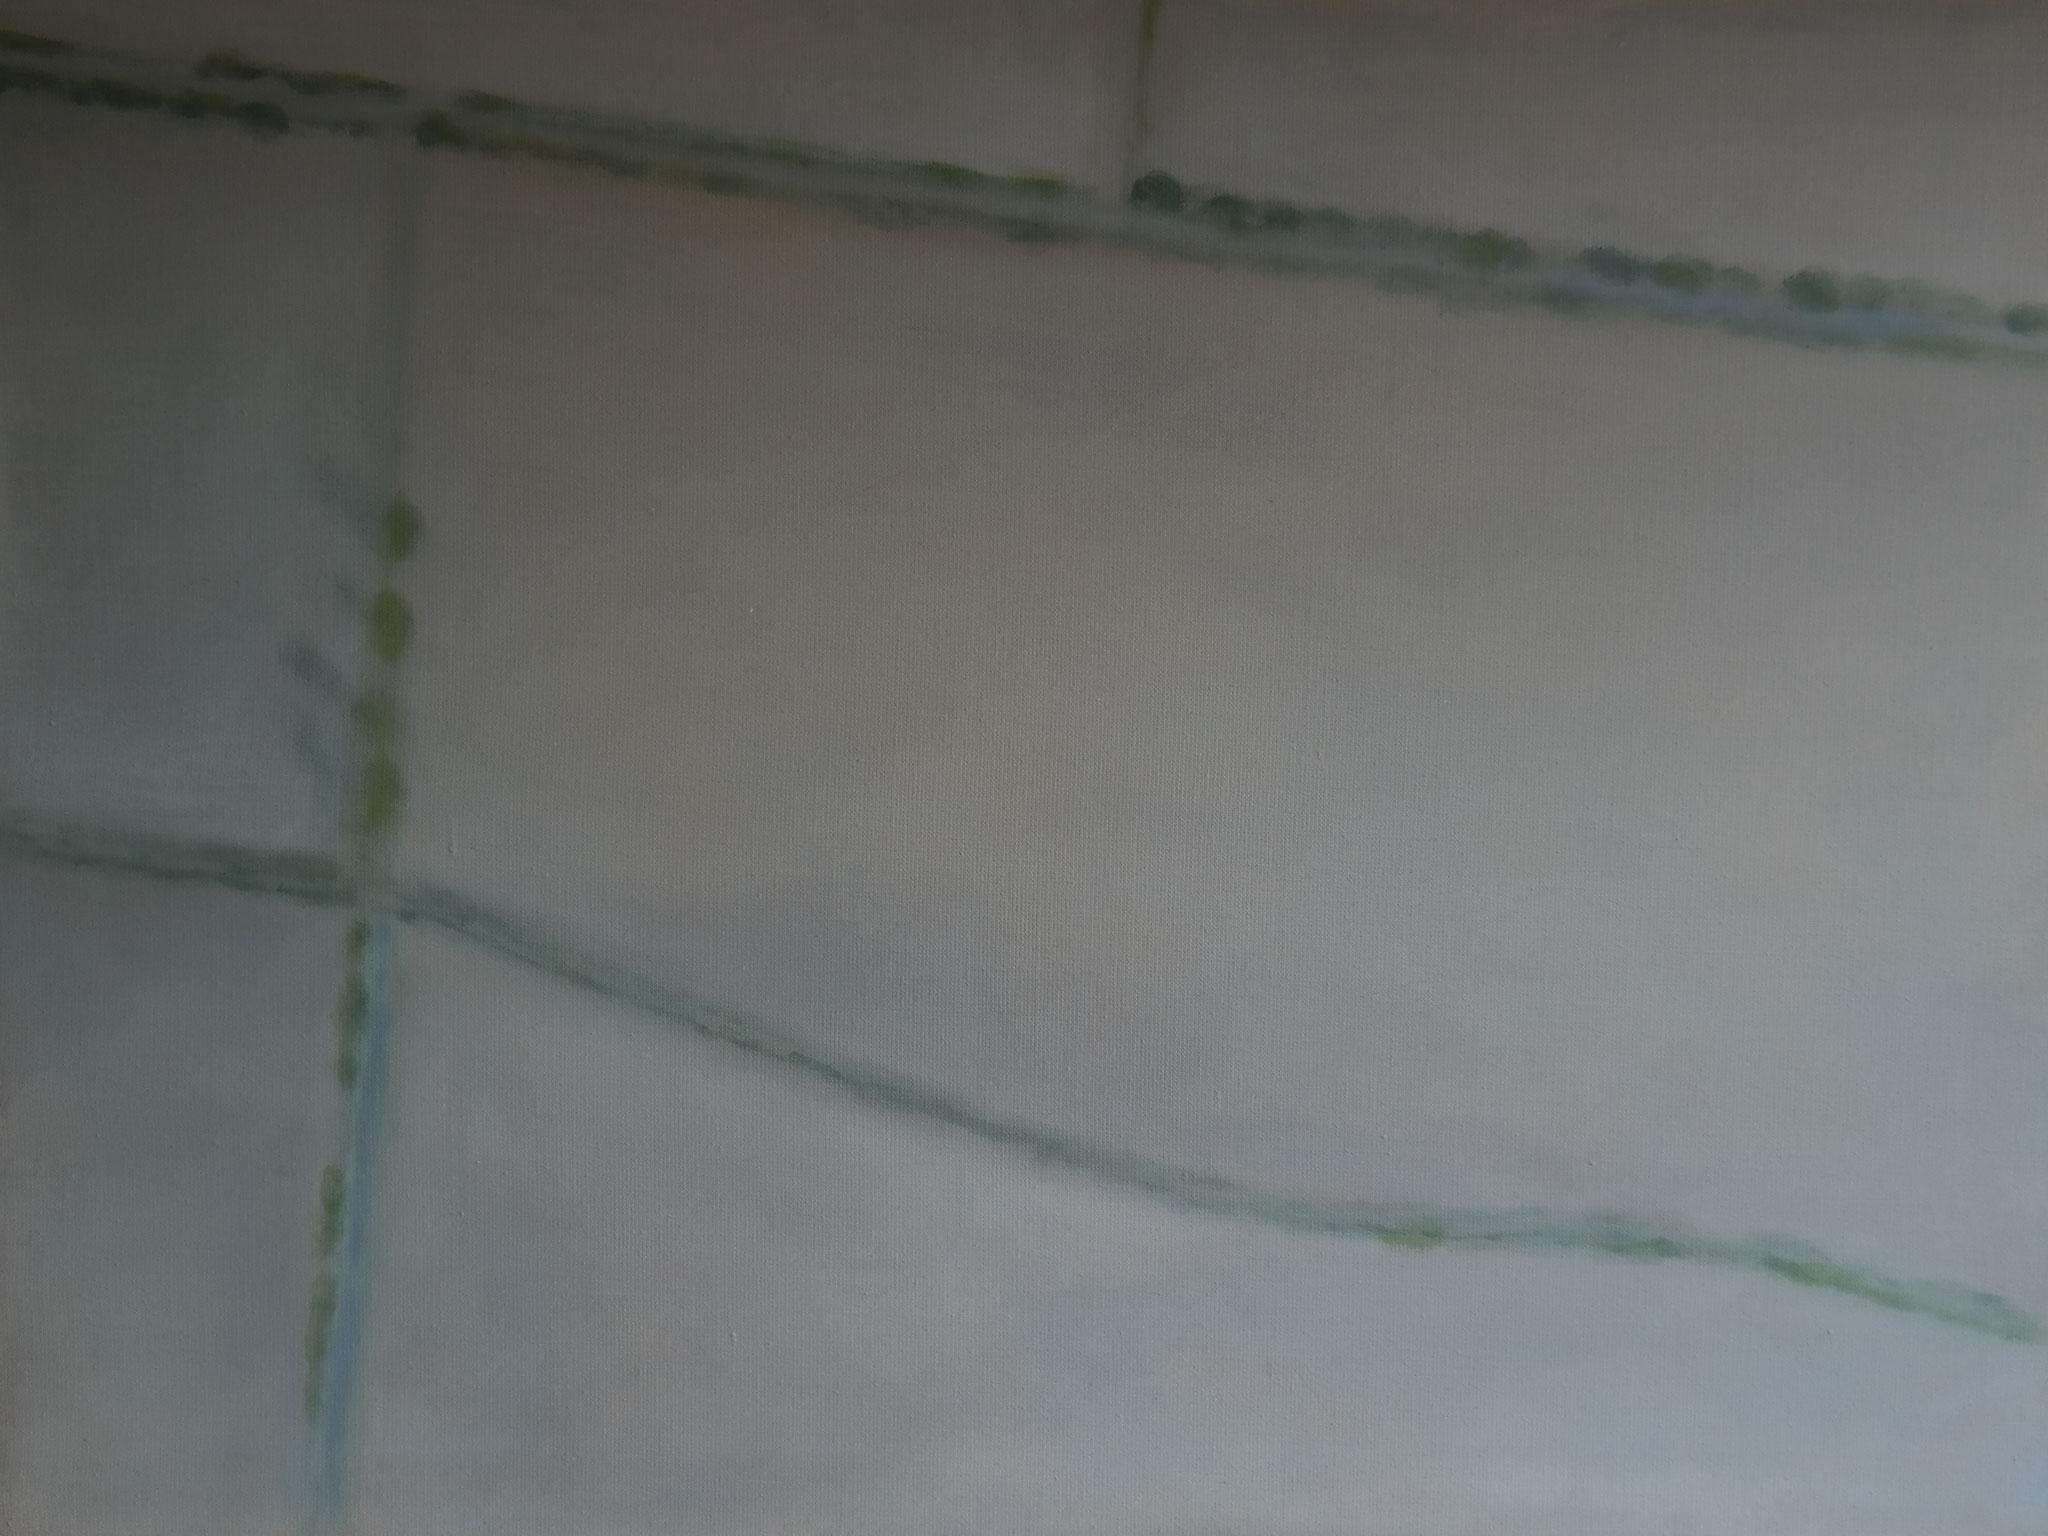 vonoben 1von4 | 60x80cm | acryl auf leinen | 2013